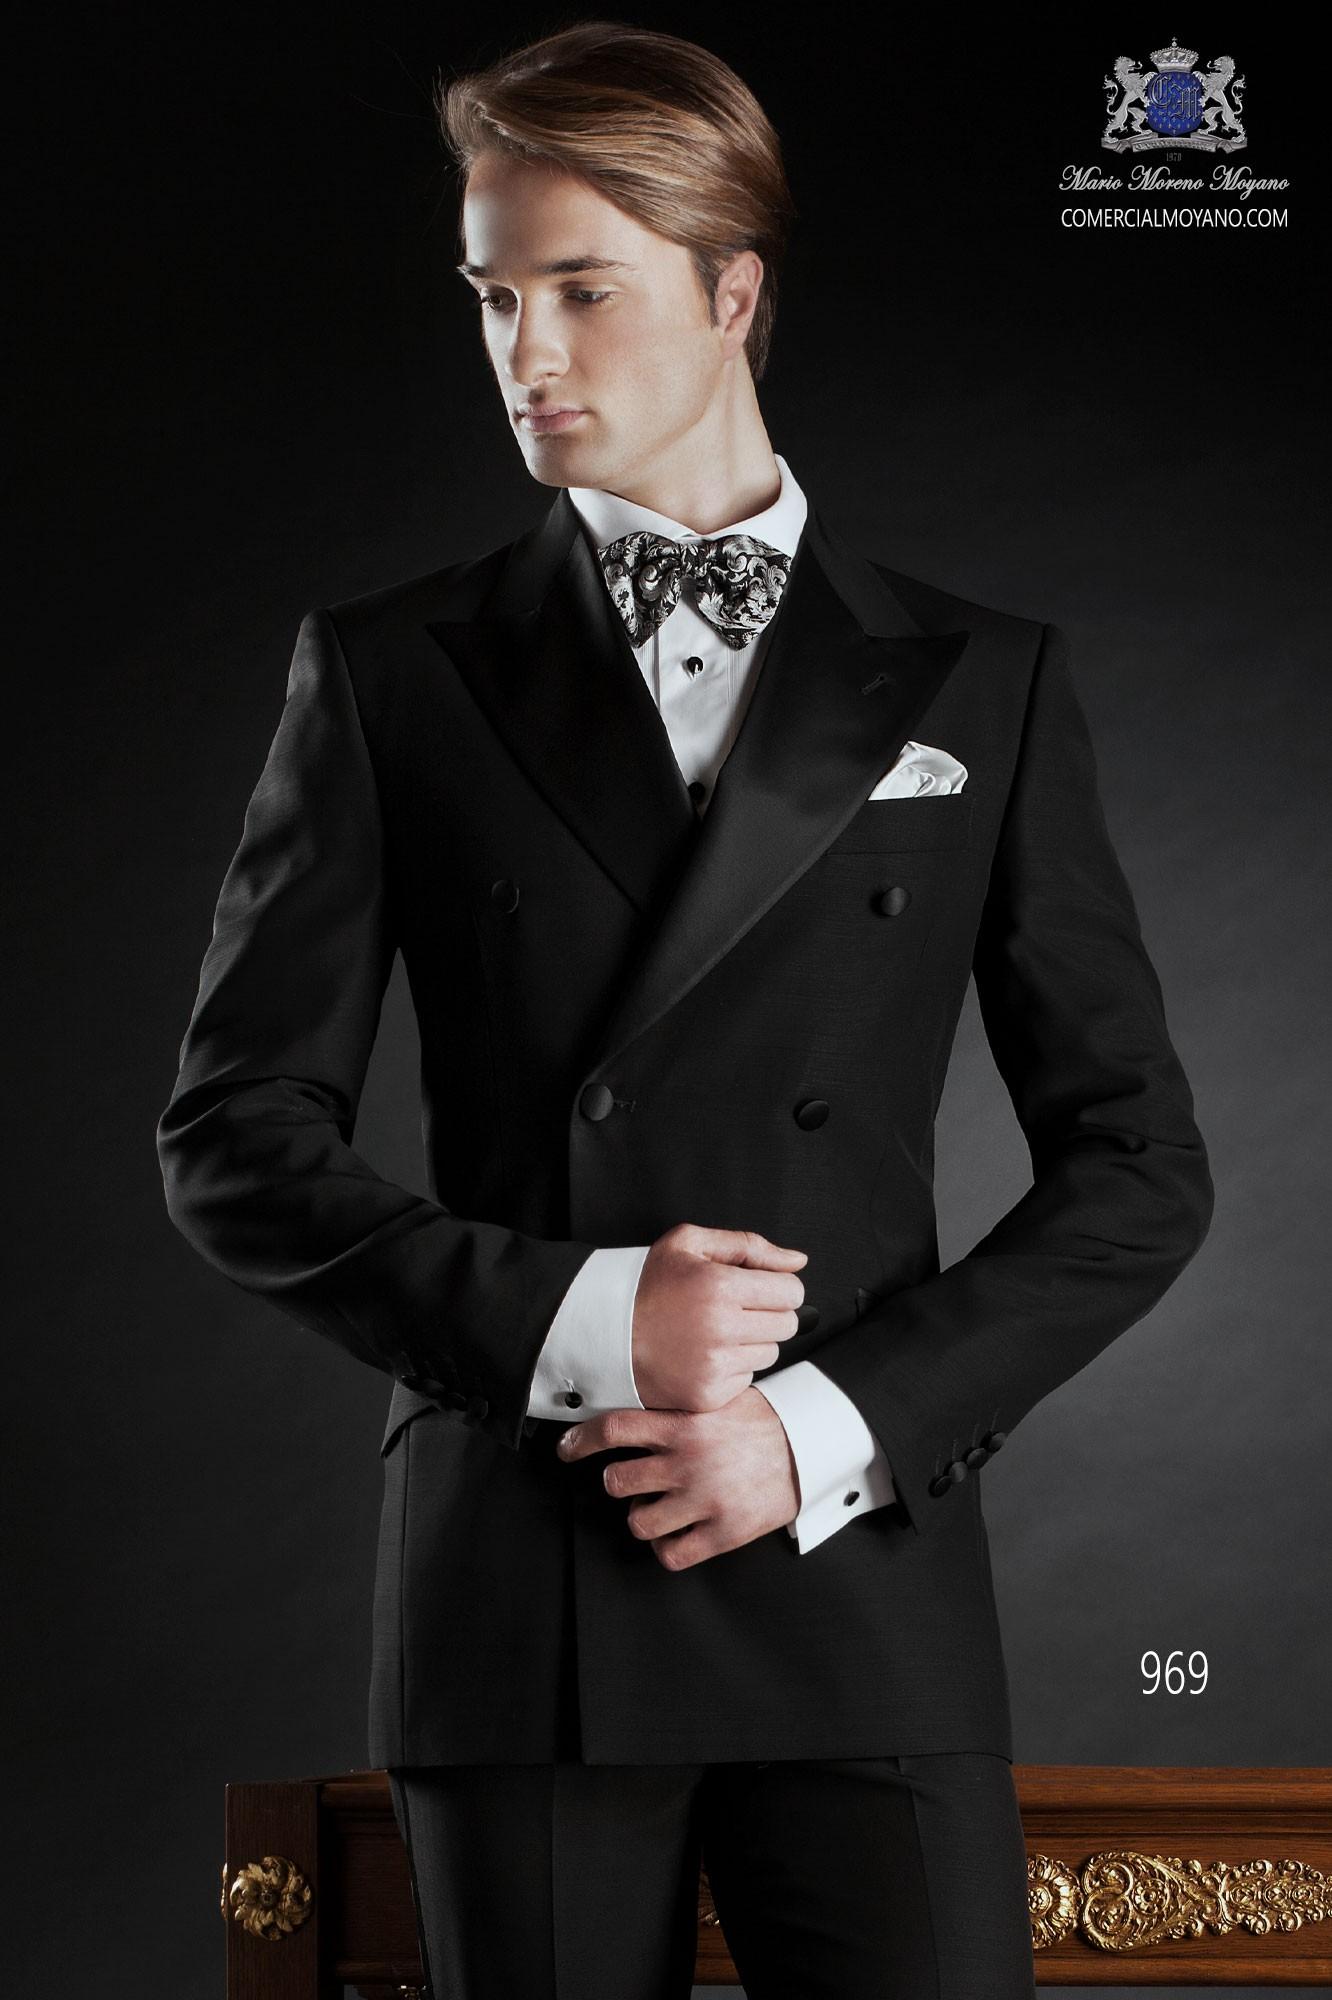 Traje de fiesta hombre negro modelo: 969 Ottavio Nuccio Gala colección Black Tie